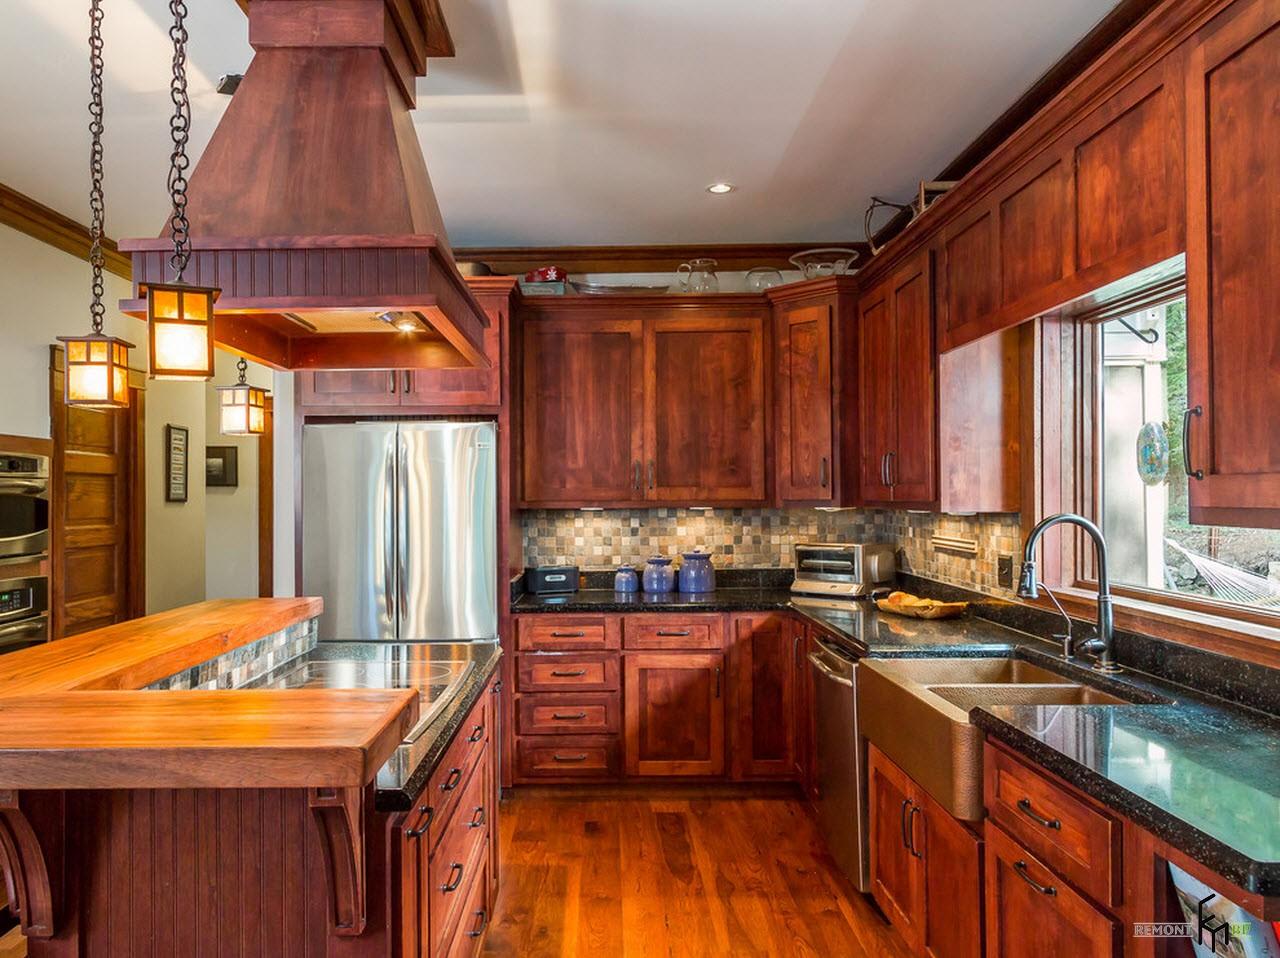 кухня дома фотографии магия просто сара